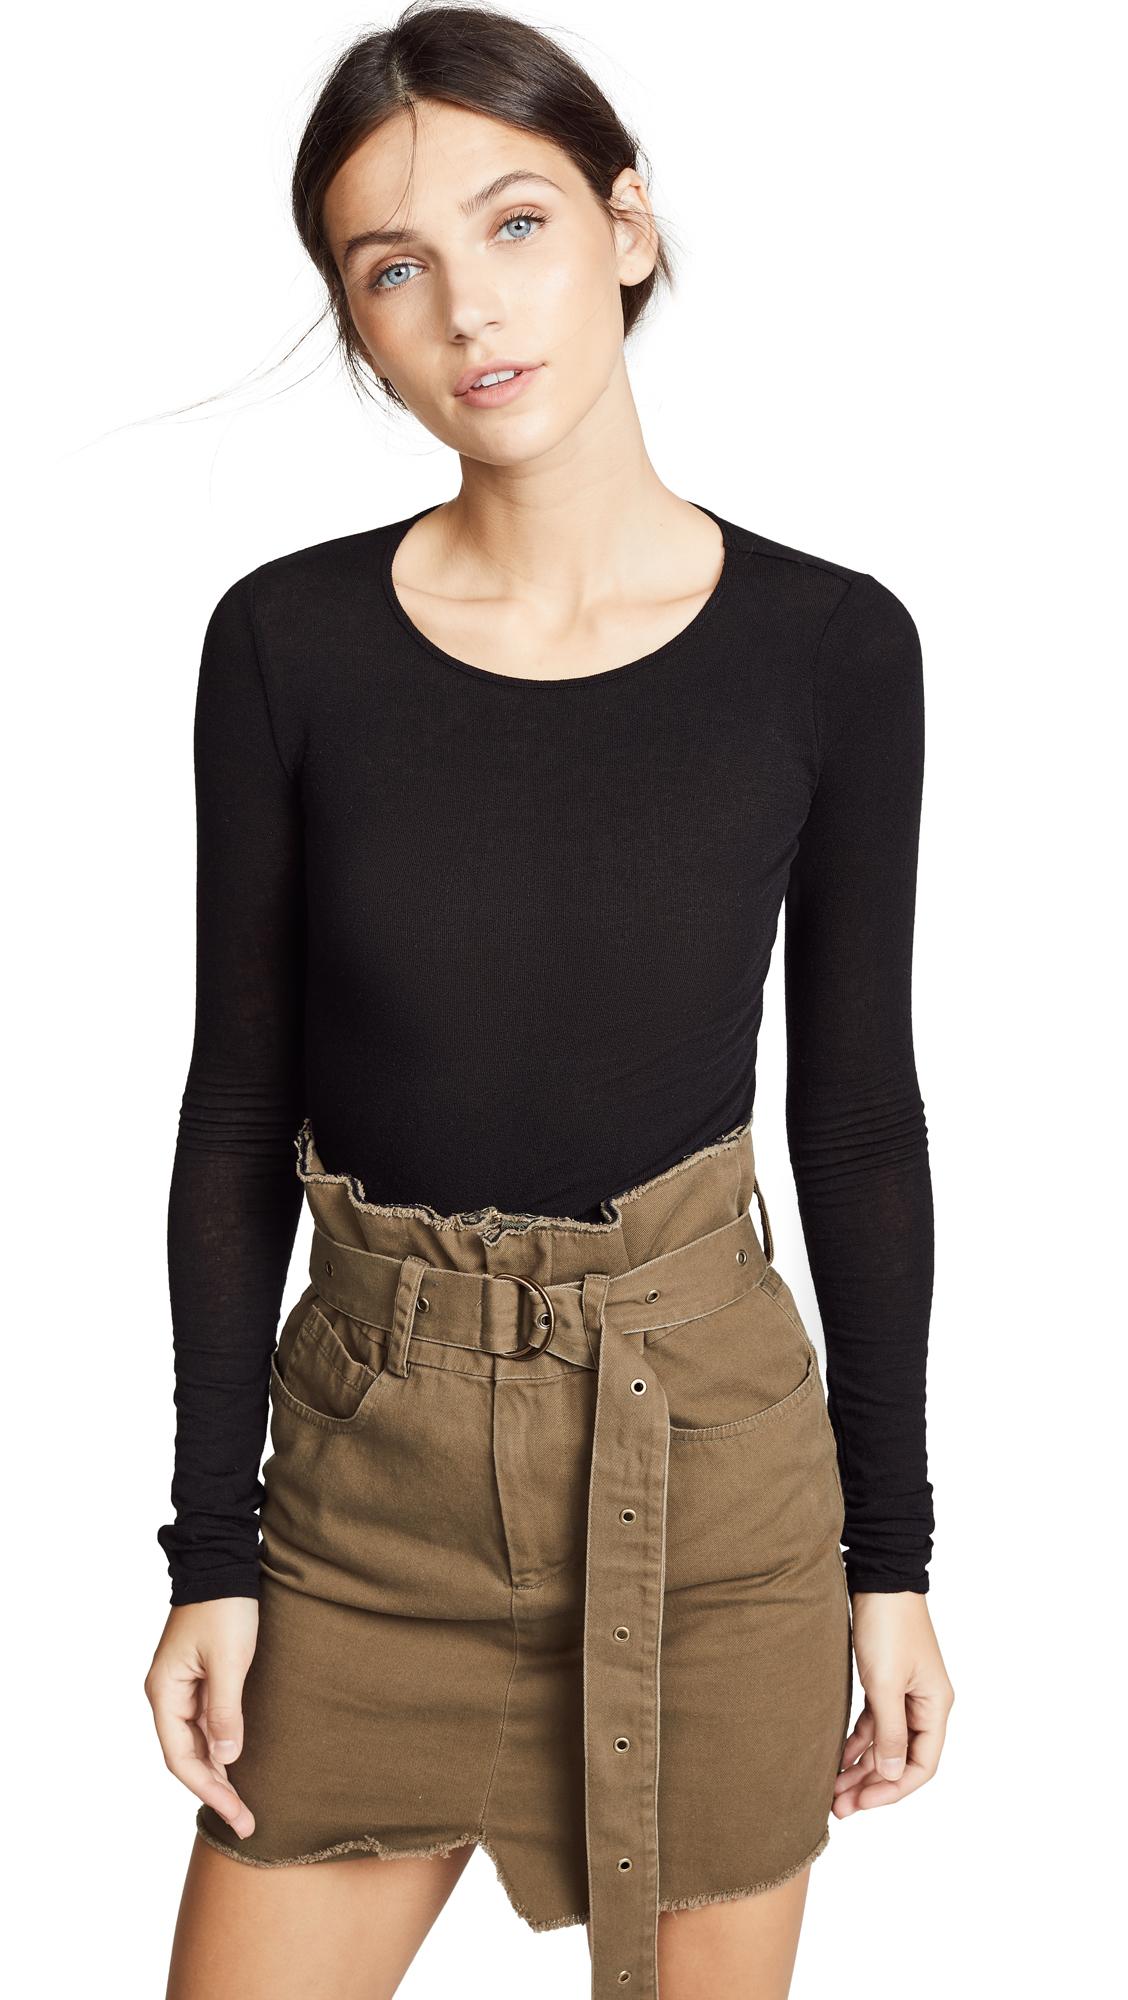 TSE Cashmere Cashmere Skin Sweater In Black